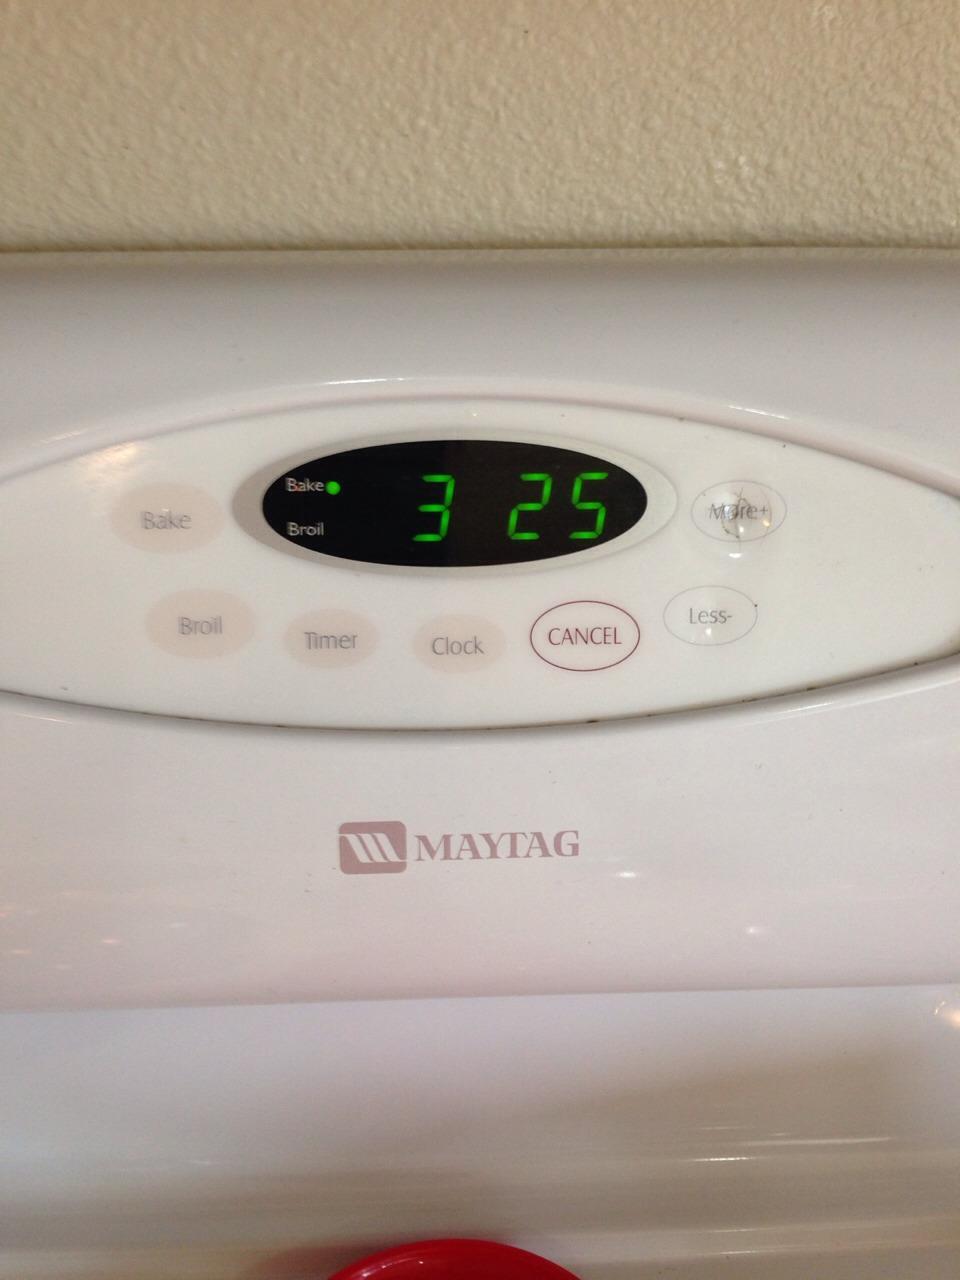 Preheat your oven to 325 degrees  Fahrenheit